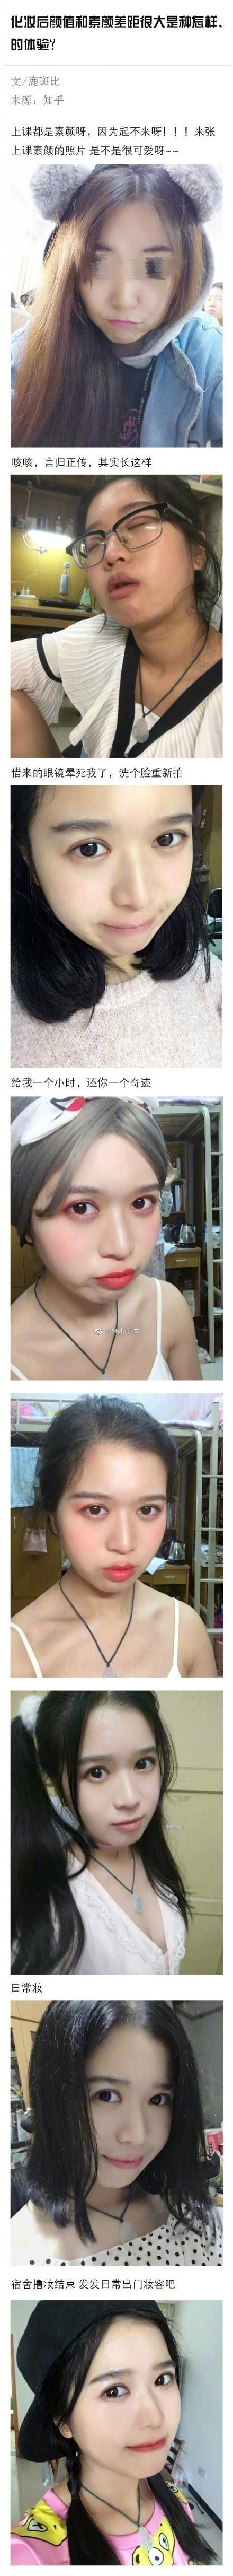 1.如果化妆和不化妆没有区别,那坐在镜子前面半个多钟头难道是在许愿吗?